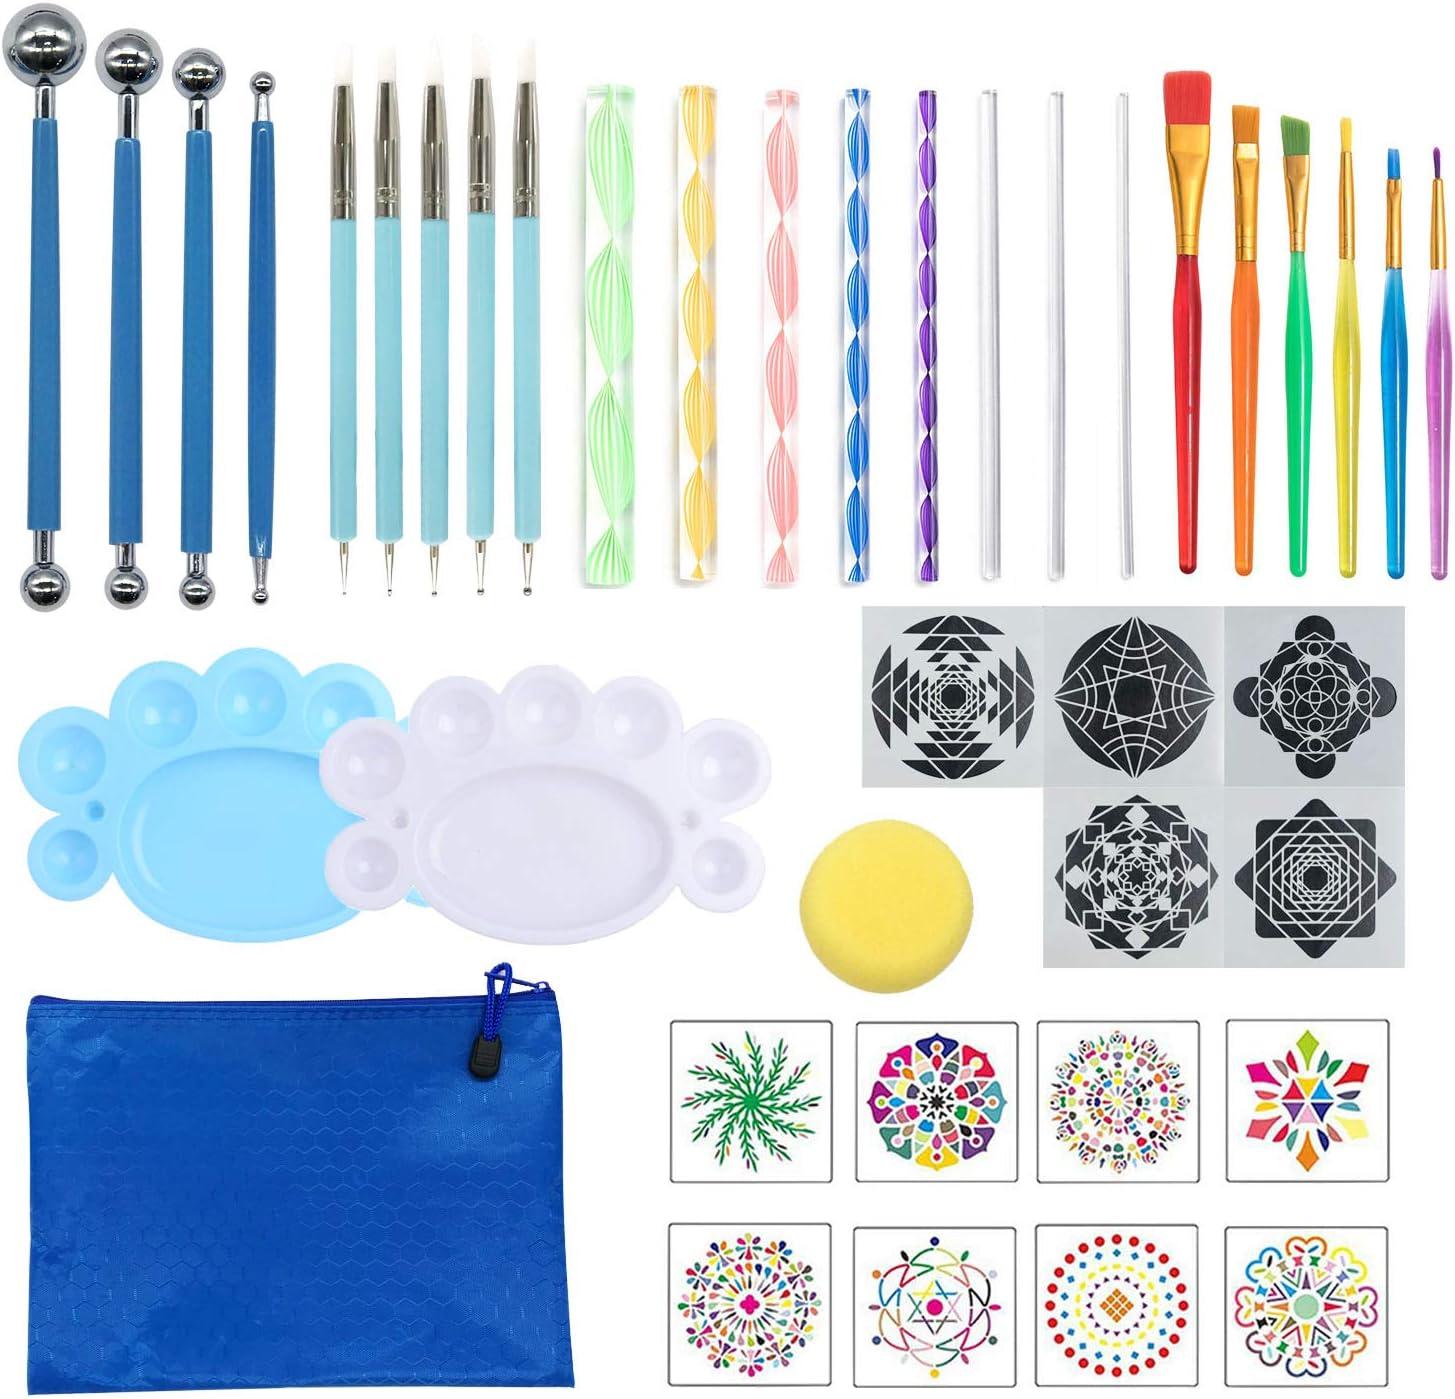 LBB 40 Pcs Mandala Dotting Tools Dallas Mall Popular brand Tool Kits f Set